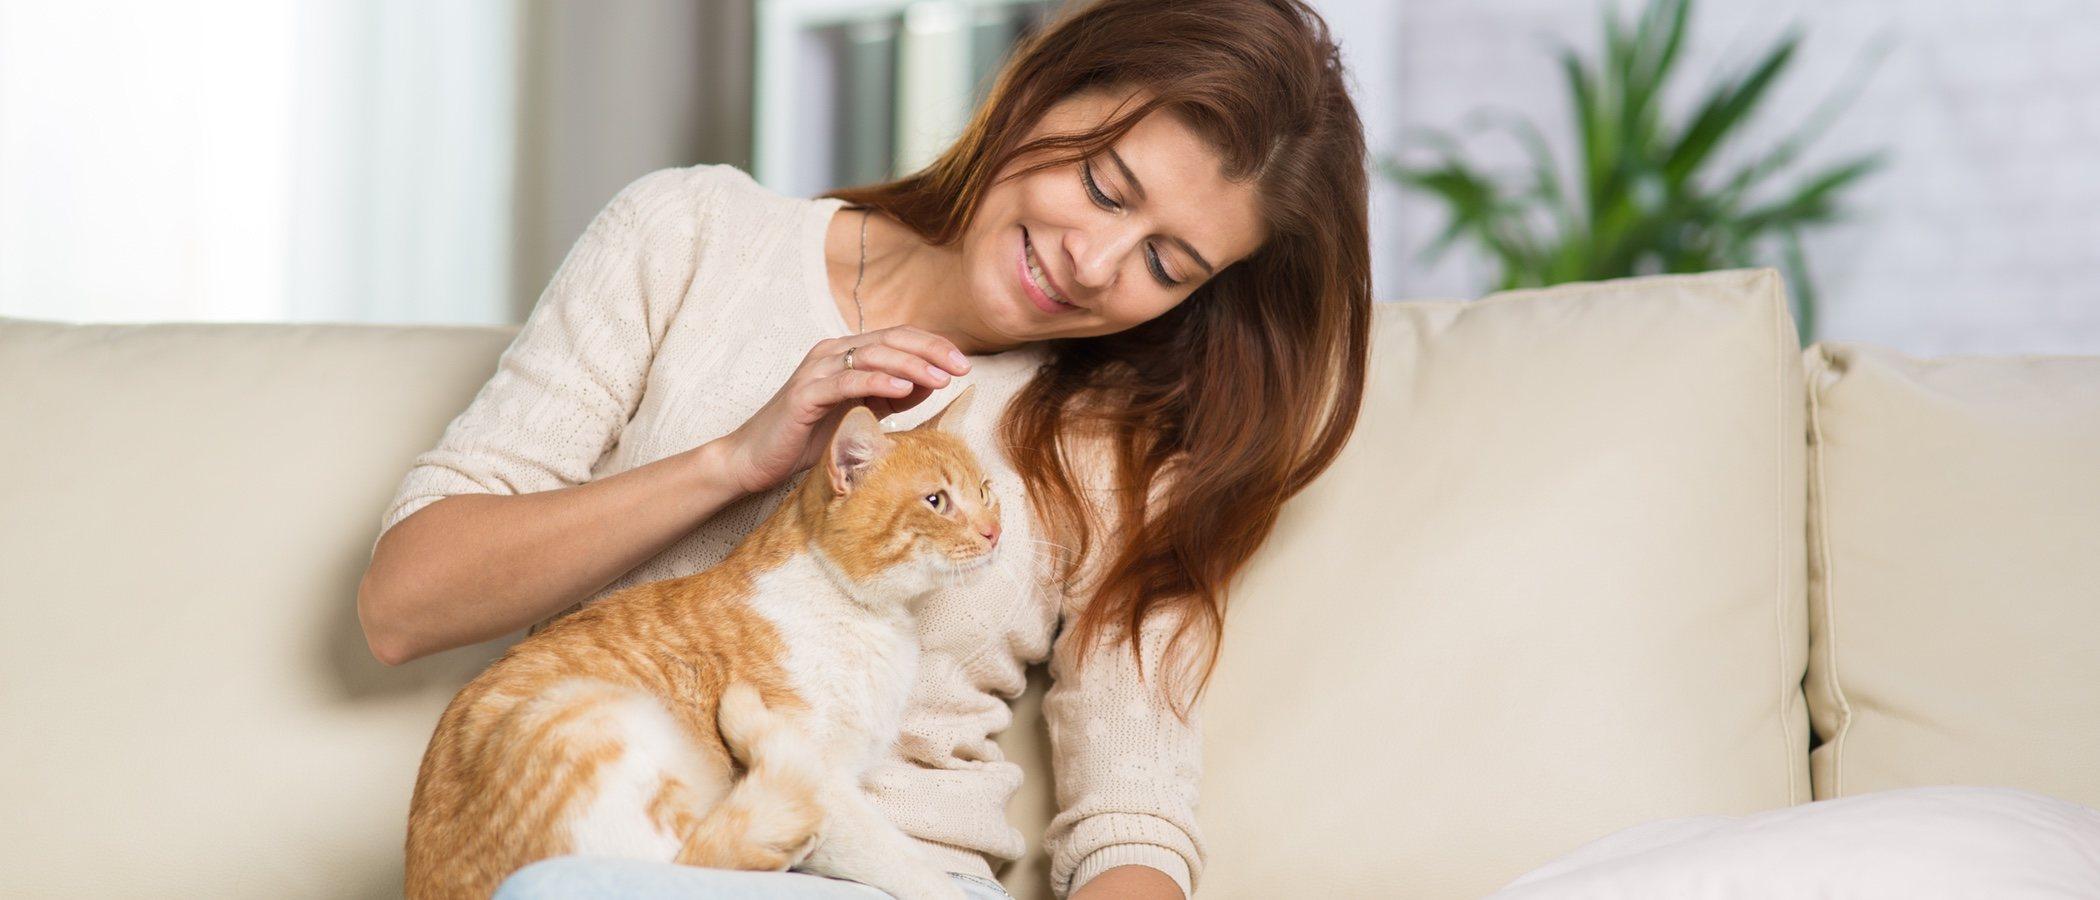 Adoptar a un gato adulto: ventajas y desventajas